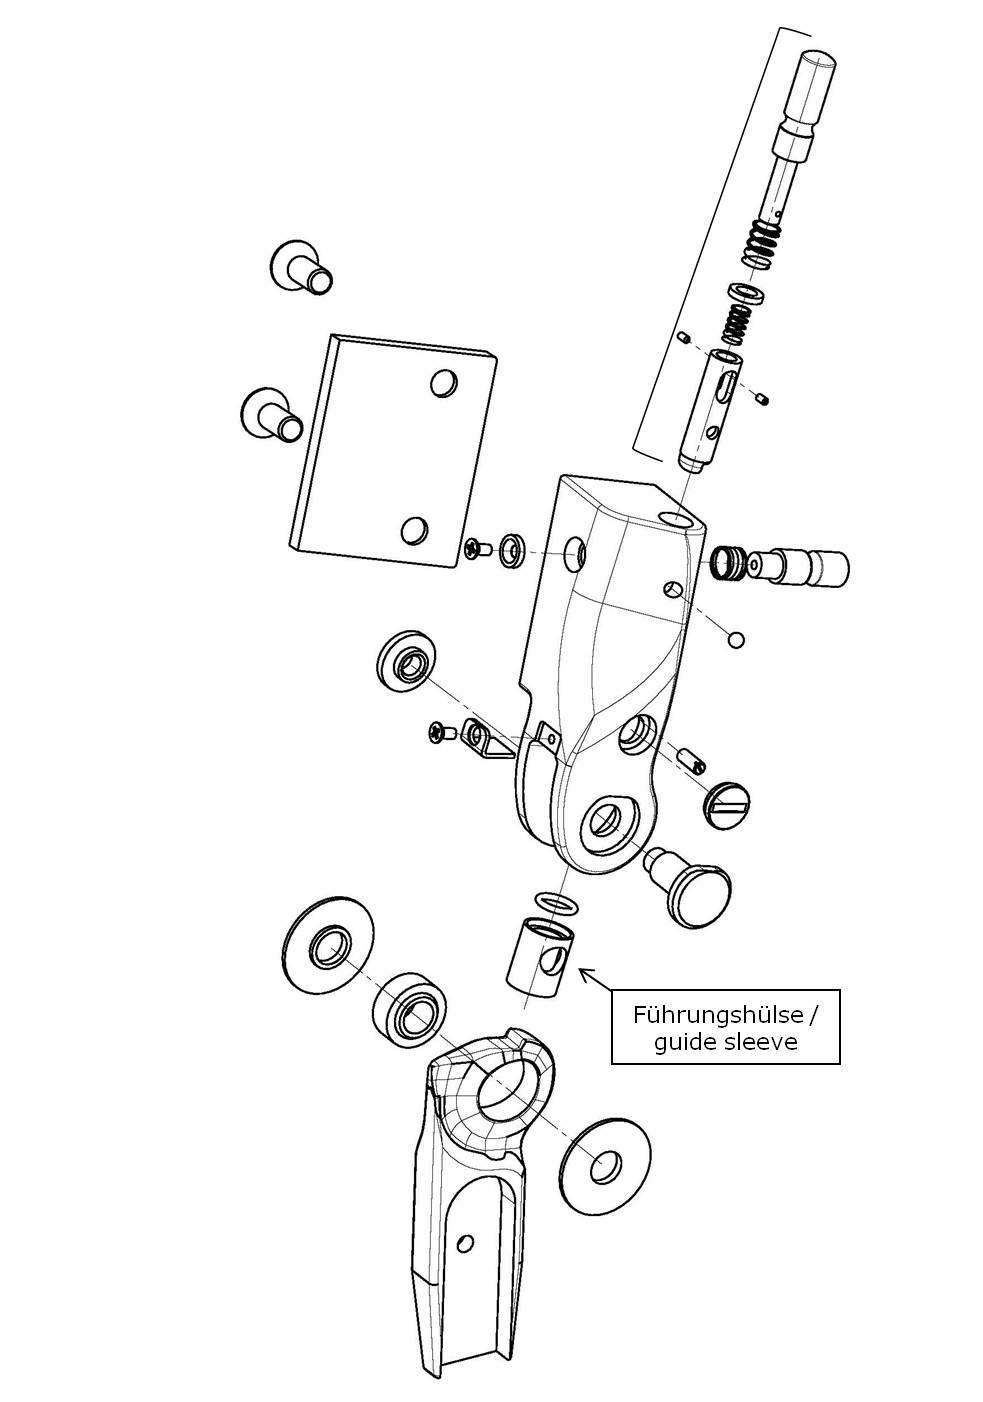 Führungshülse für das Salera preselect 3-D Hüftgelenk